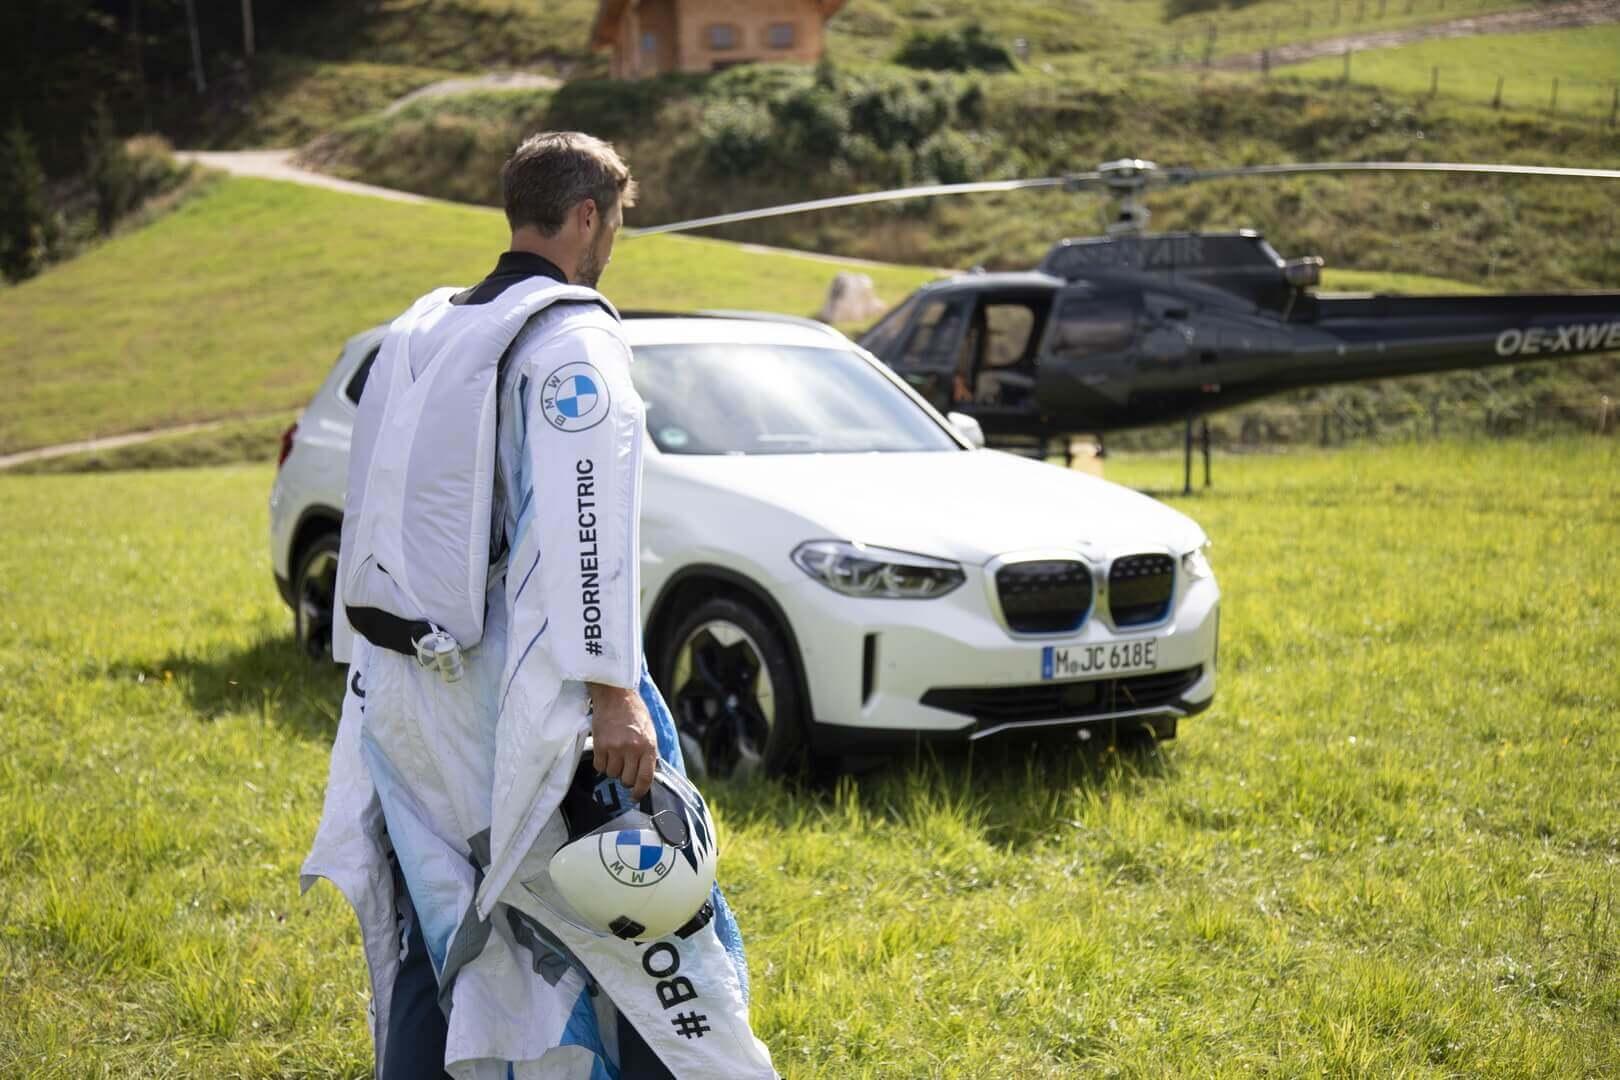 Электрический вингсьют был разработан в сотрудничестве между BMW i, Designworks и профессиональным пилотом вингсьюта Питером Зальцманном из Австрии